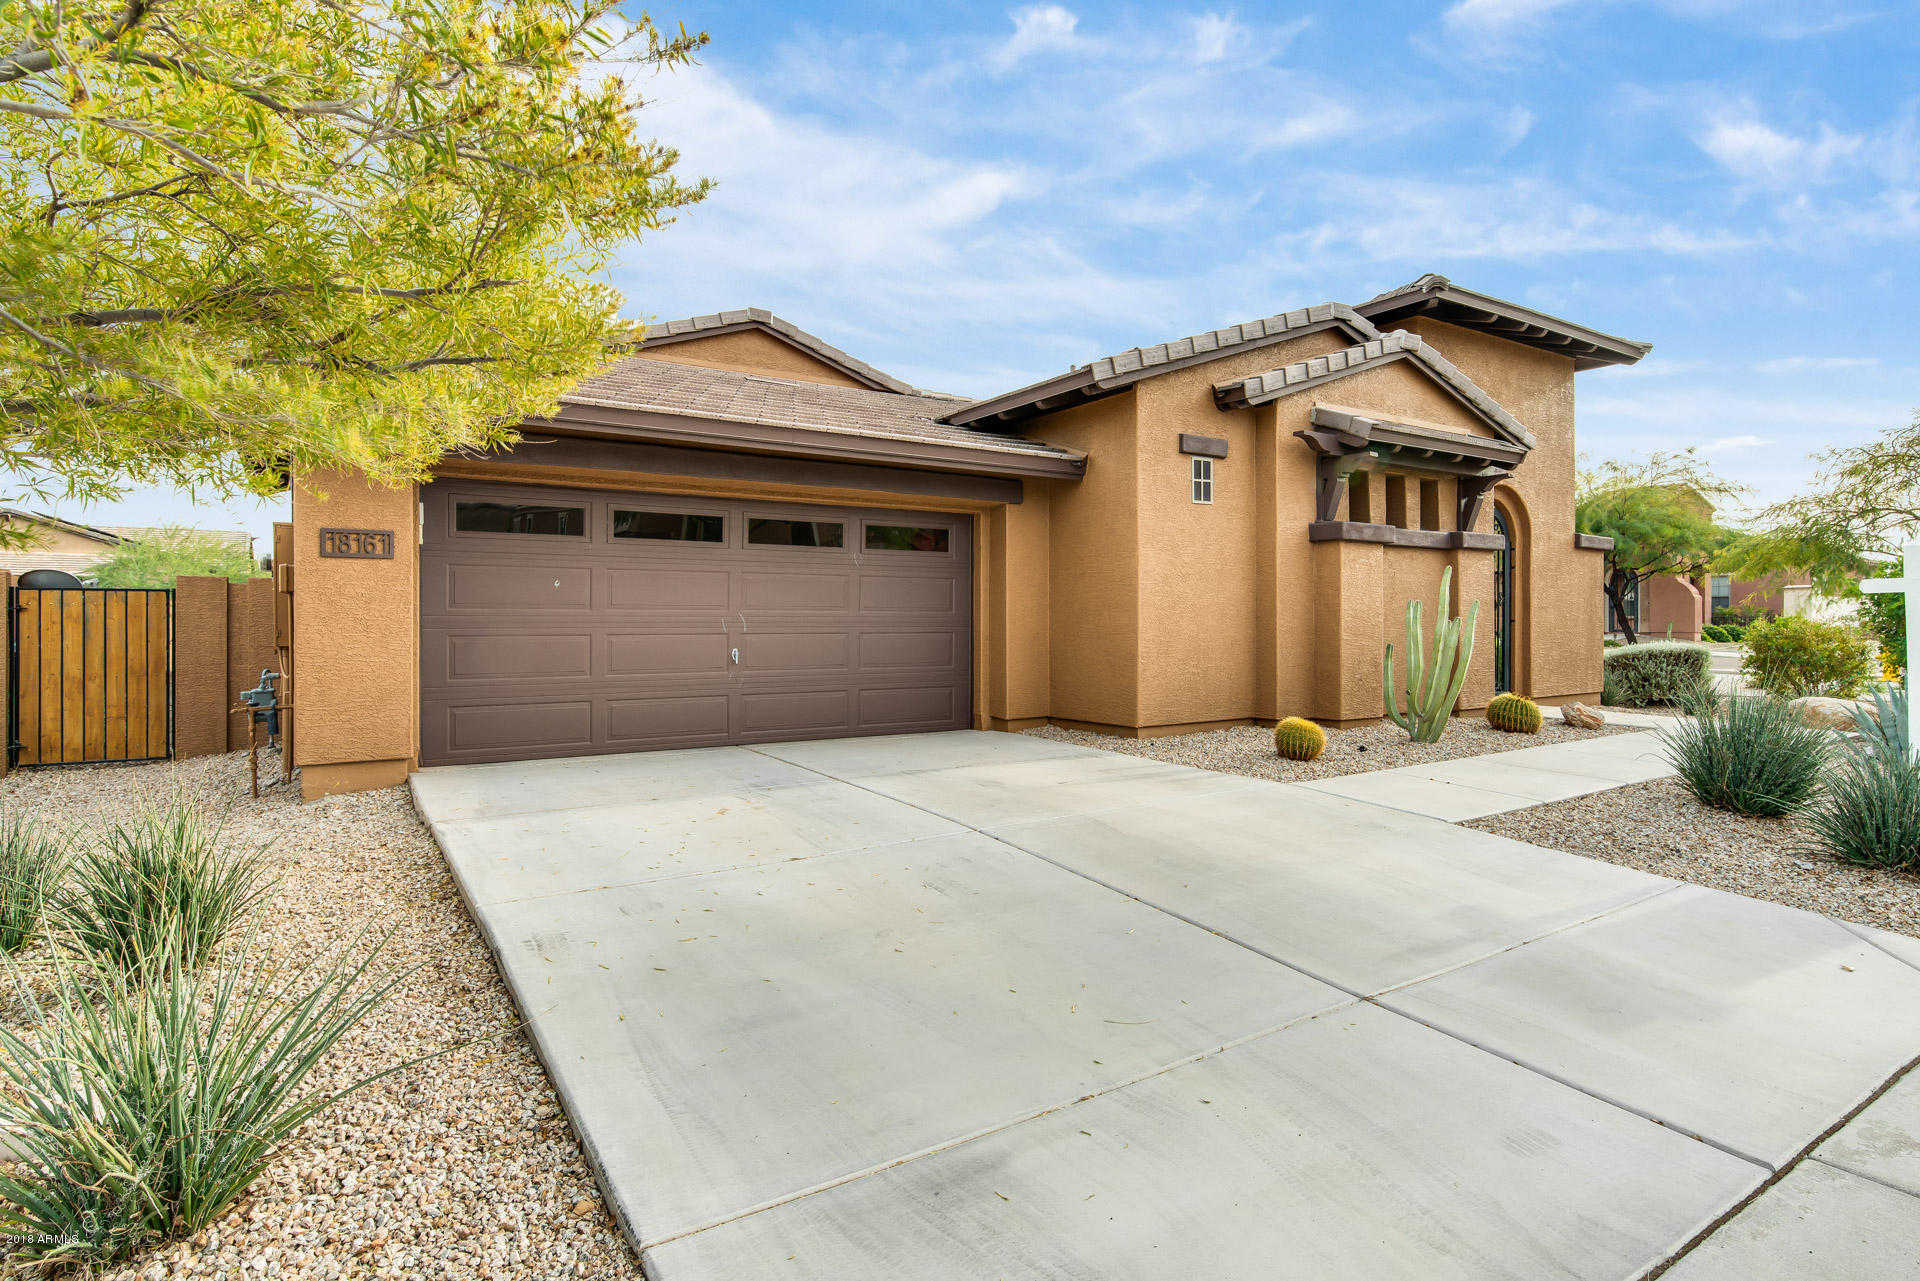 $340,000 - 3Br/2Ba - Home for Sale in Coronado Village At Estrella Mtn Ranch Parcel 7.10, Goodyear